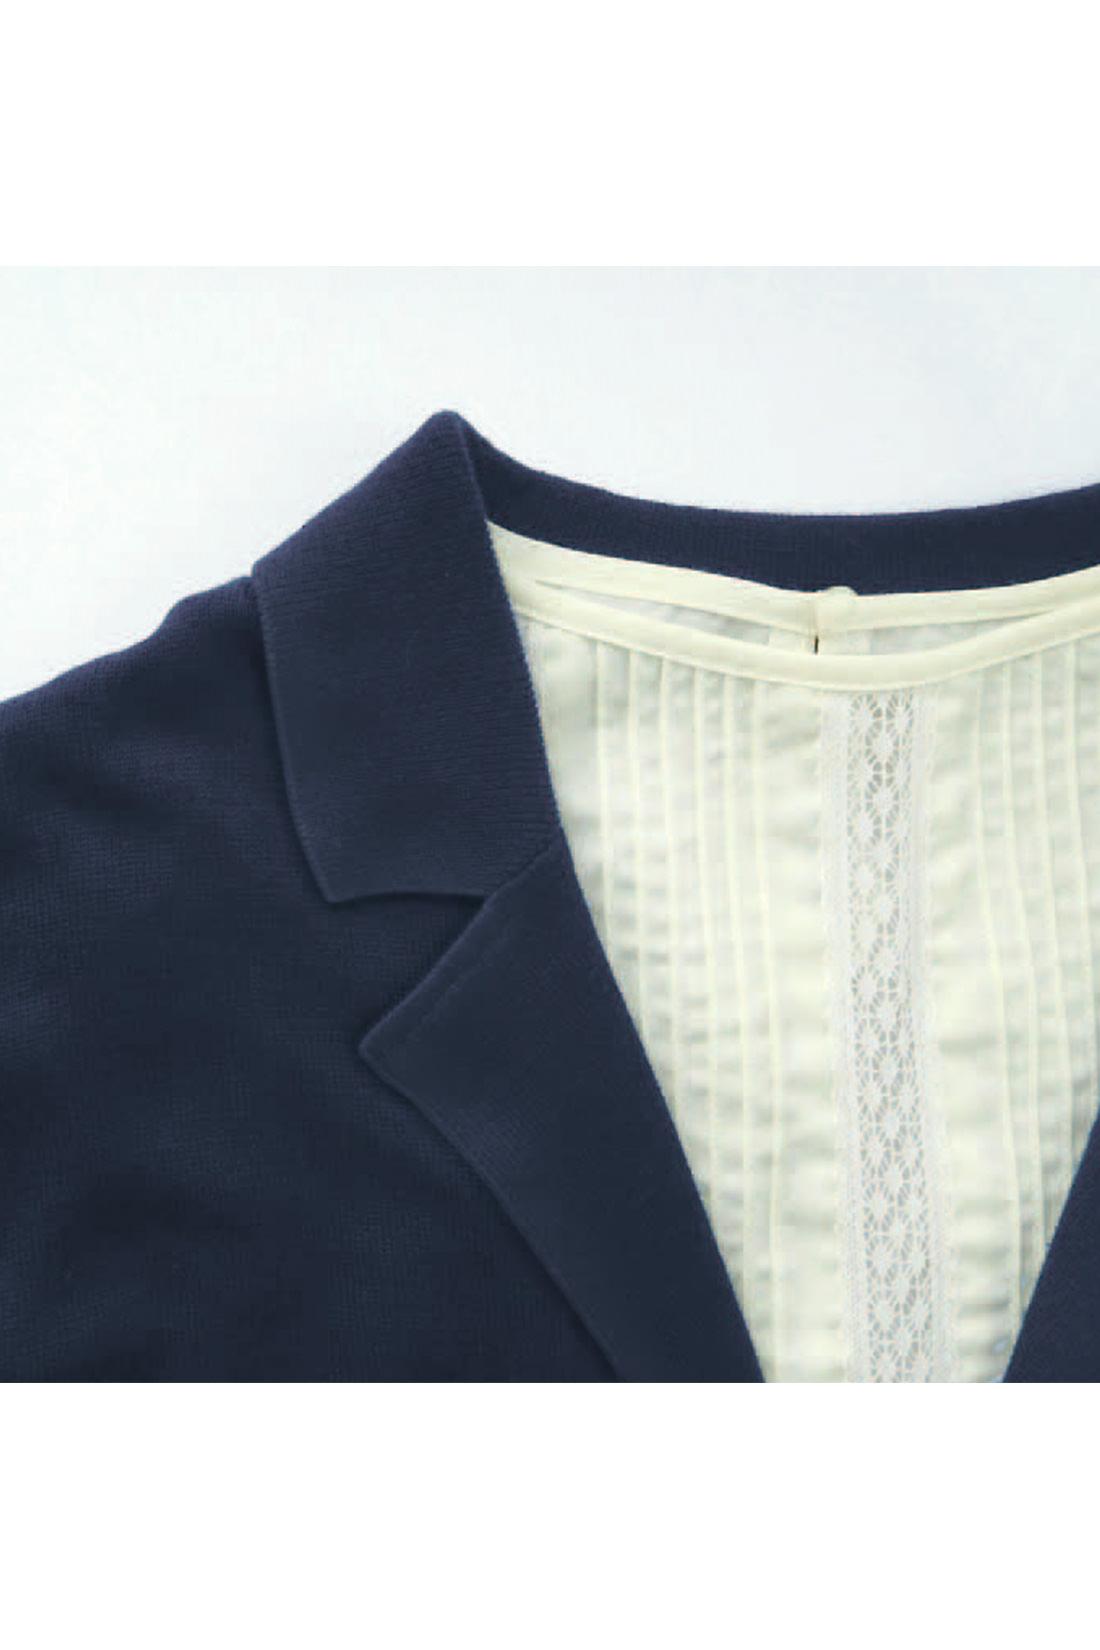 [ジャケットみたいな衿が。]ニットだけど、きれいな衿の形が自慢の仕上がり。 ※お届けするカラーとは異なります。